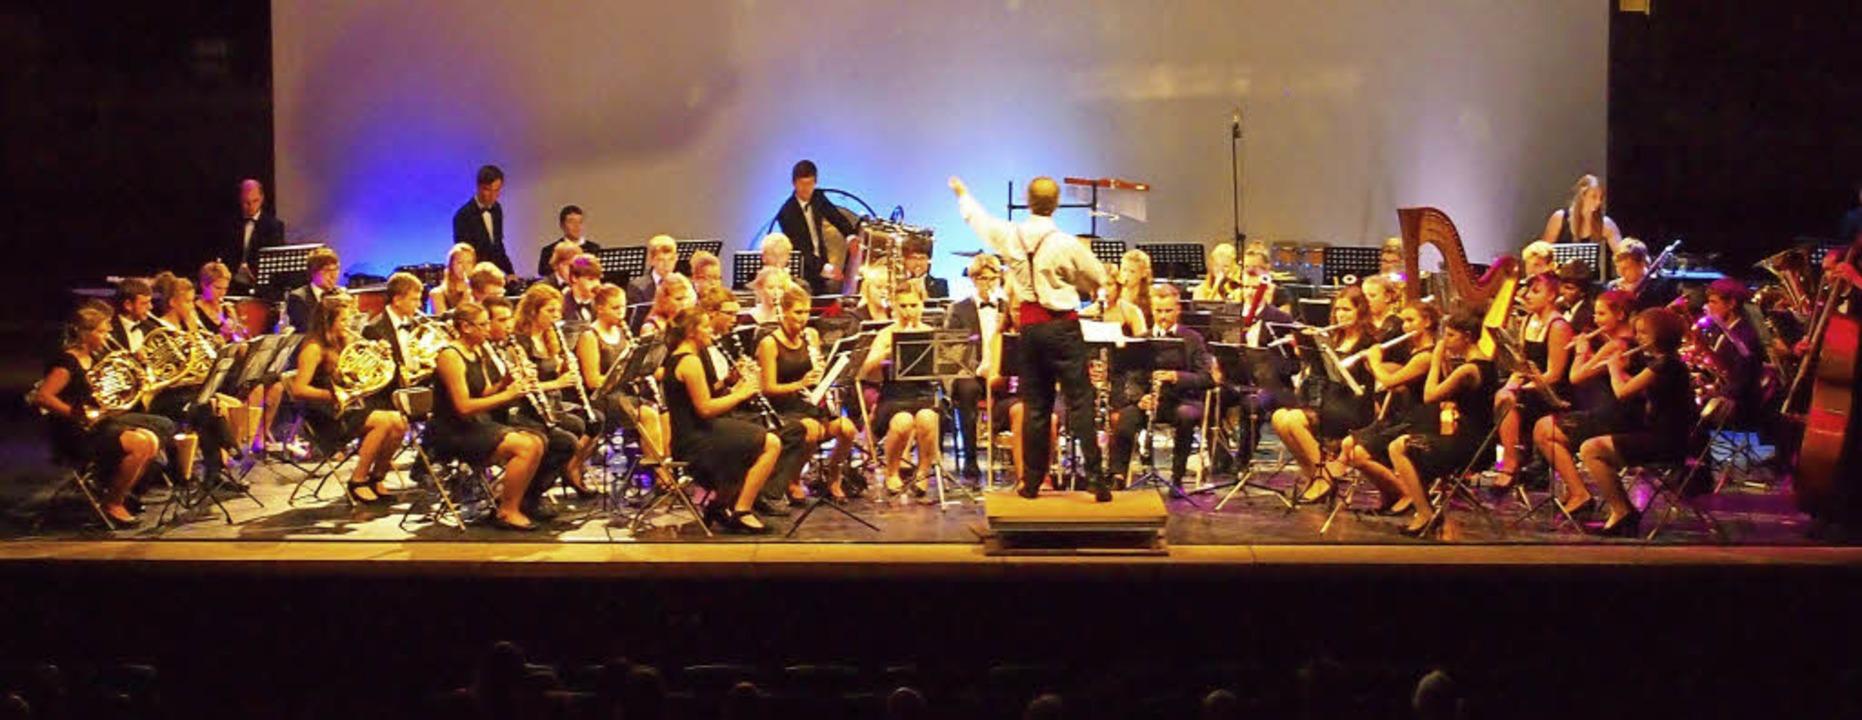 Das Verbandsjugendorchester des Blasmu...r Konzerte im Kreis Waldshut geplant.   | Foto: Ralf Eckert